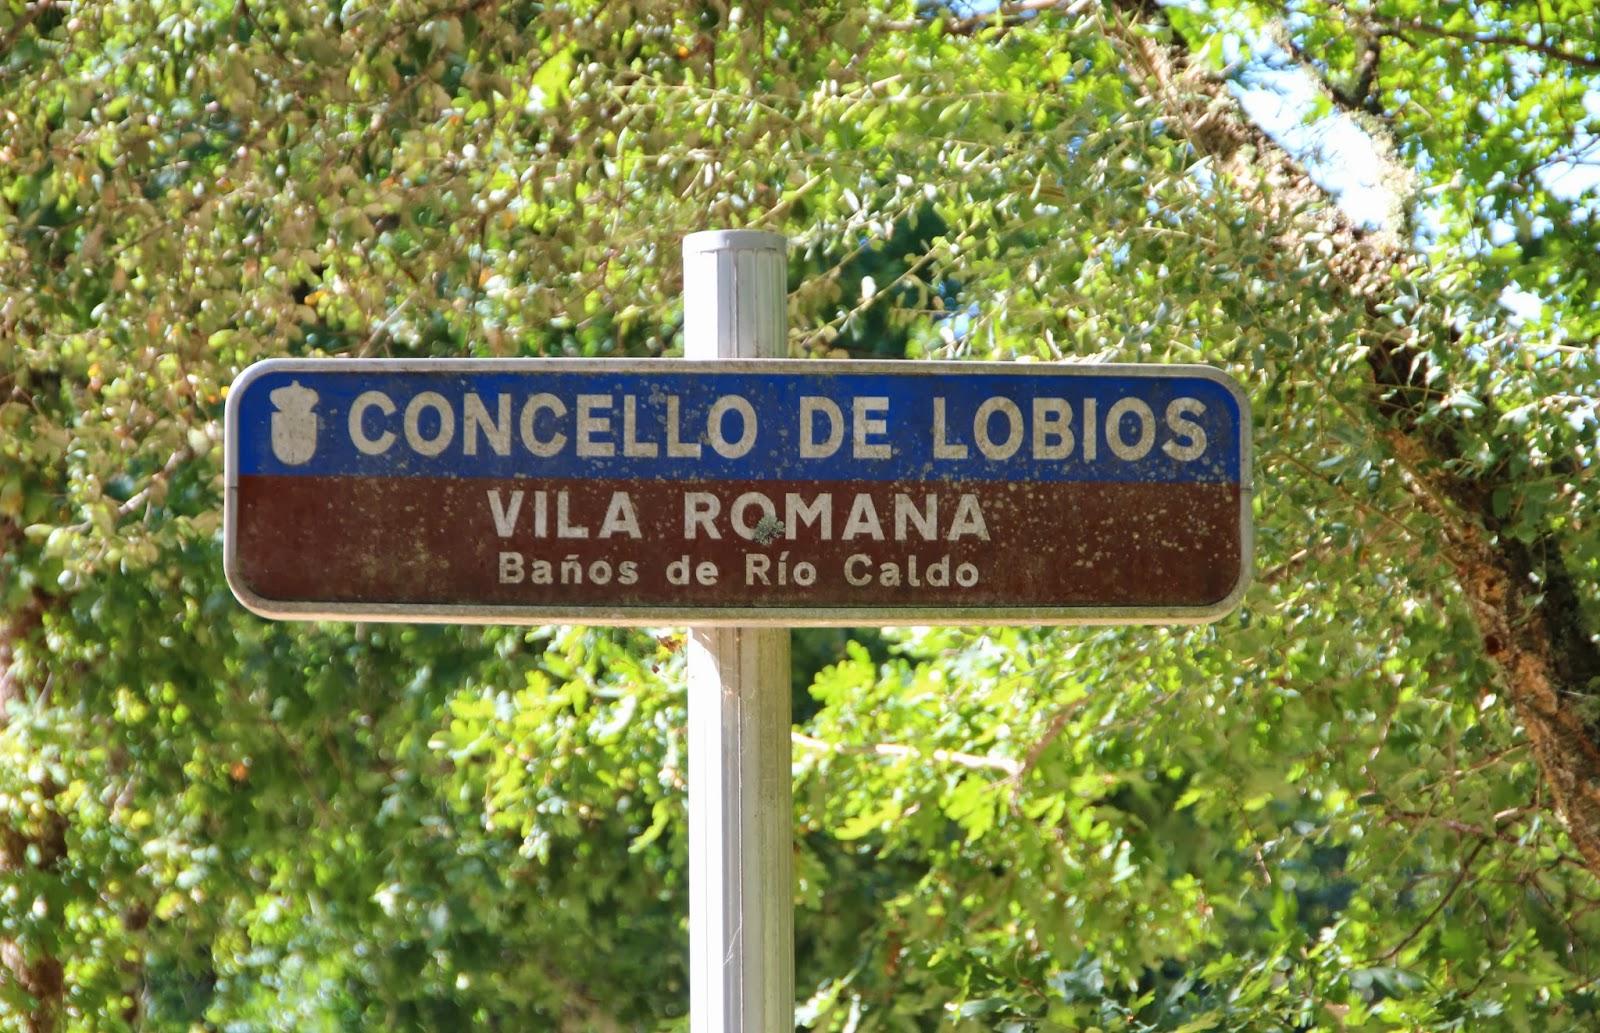 Cartel - Concello de Loibos - Vila Romana